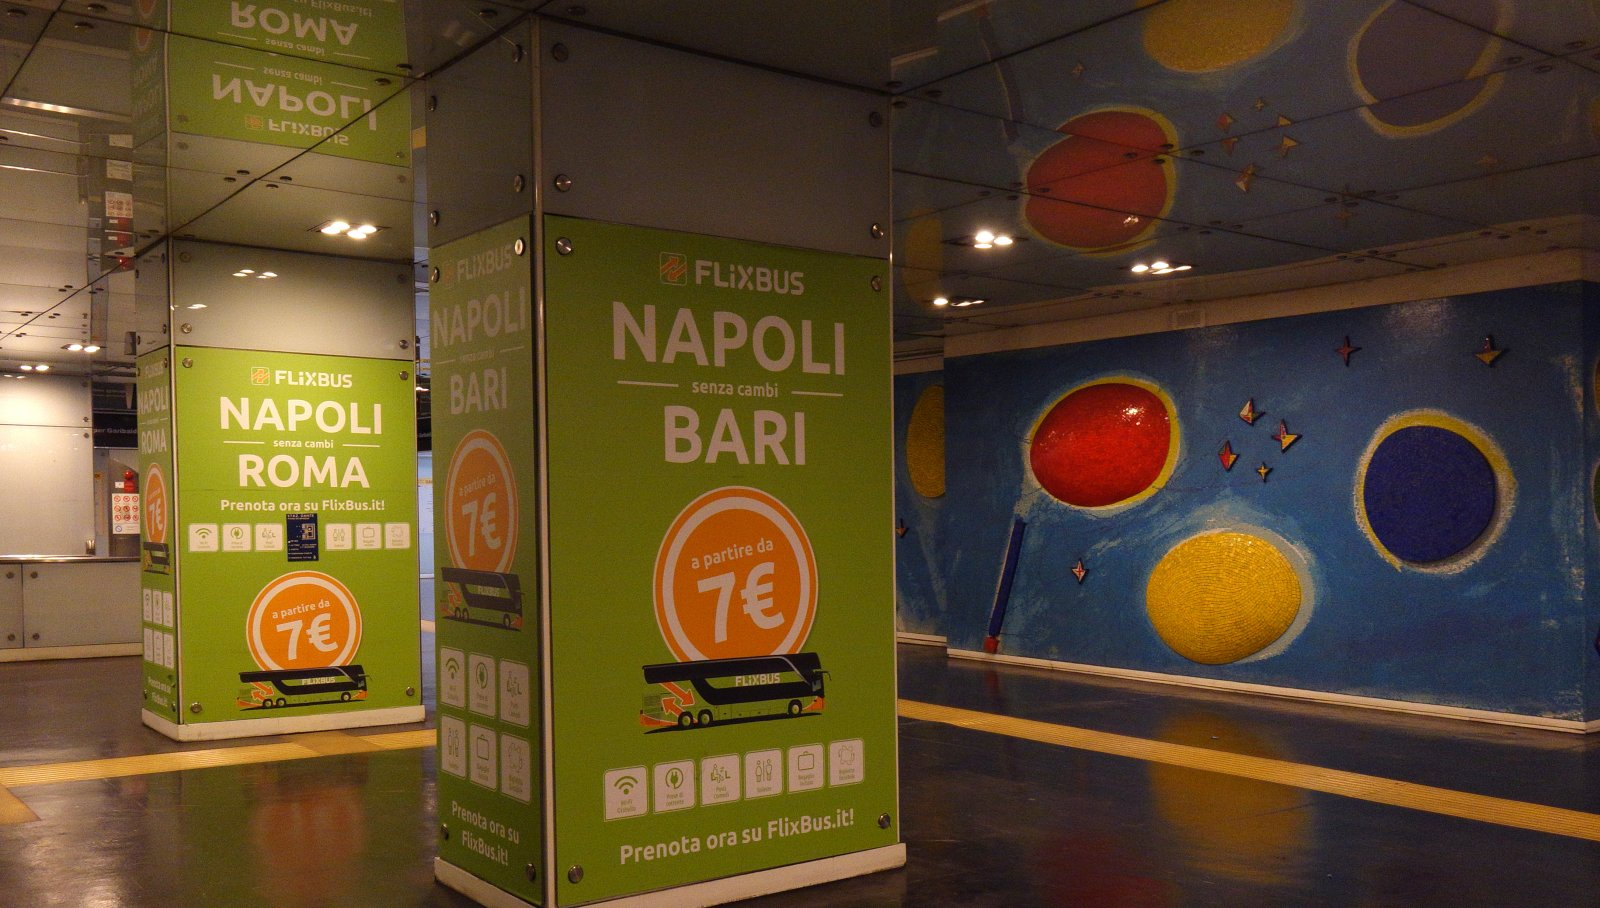 Comunicazione esterna IGPDecaux station domination a Napoli per Flixbus